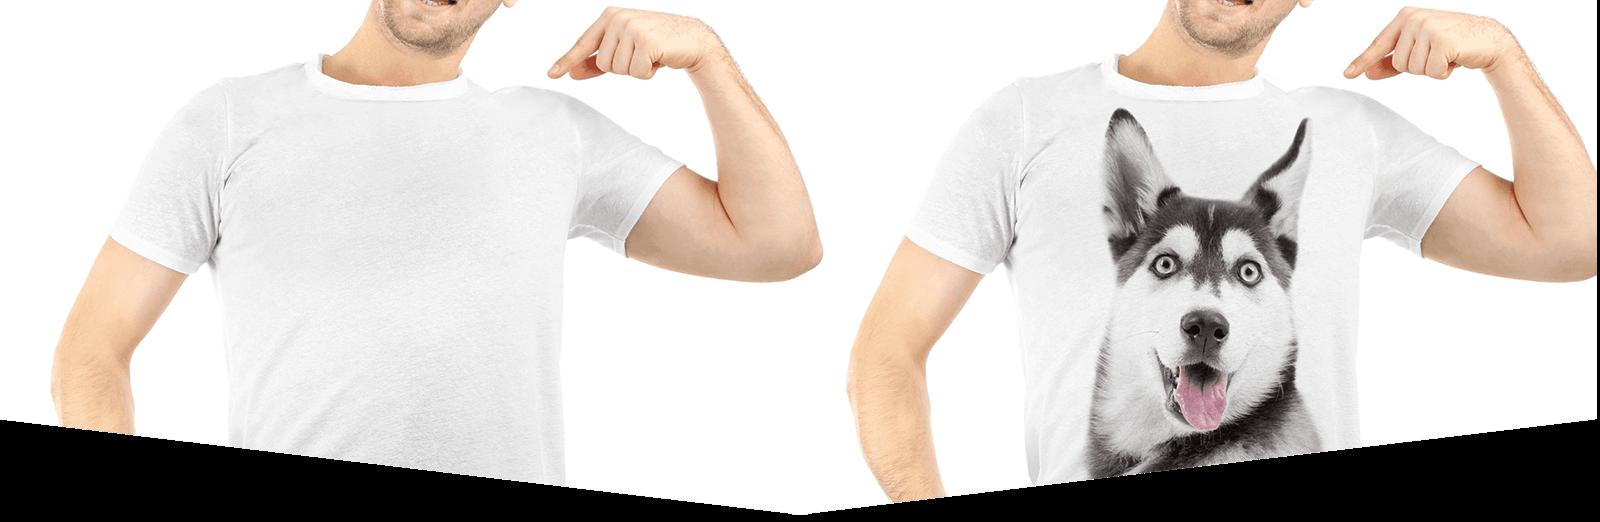 due ragazzi con magliette serigrafate